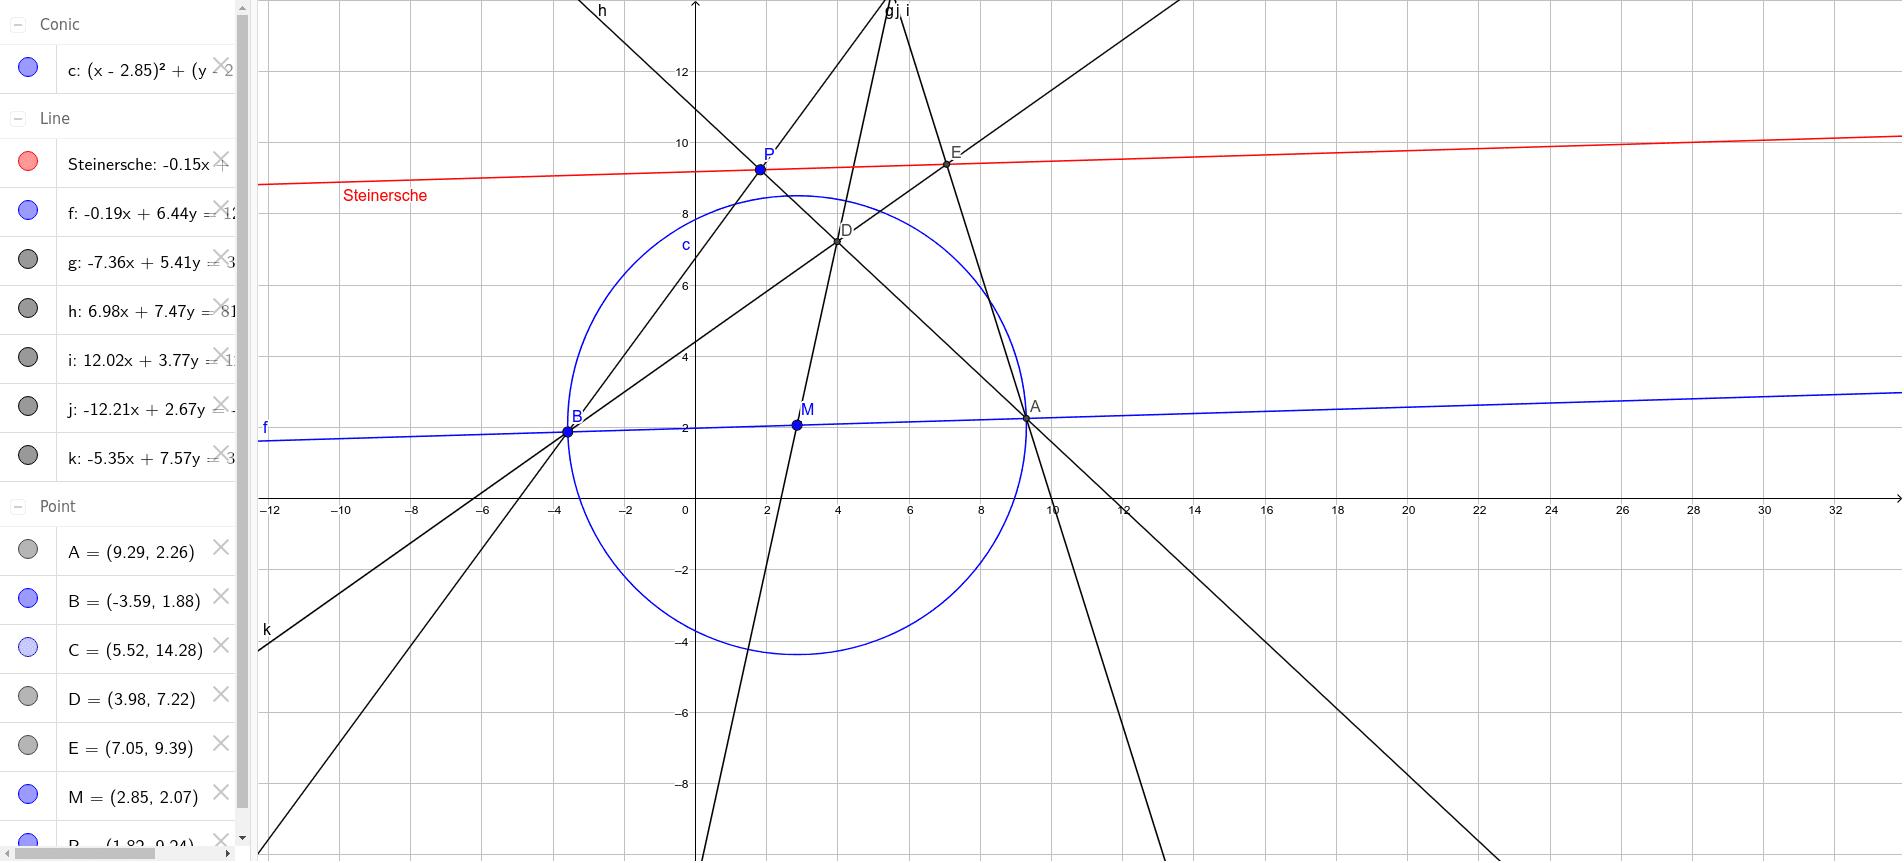 Konstruktion der Steiner'schen Gerade